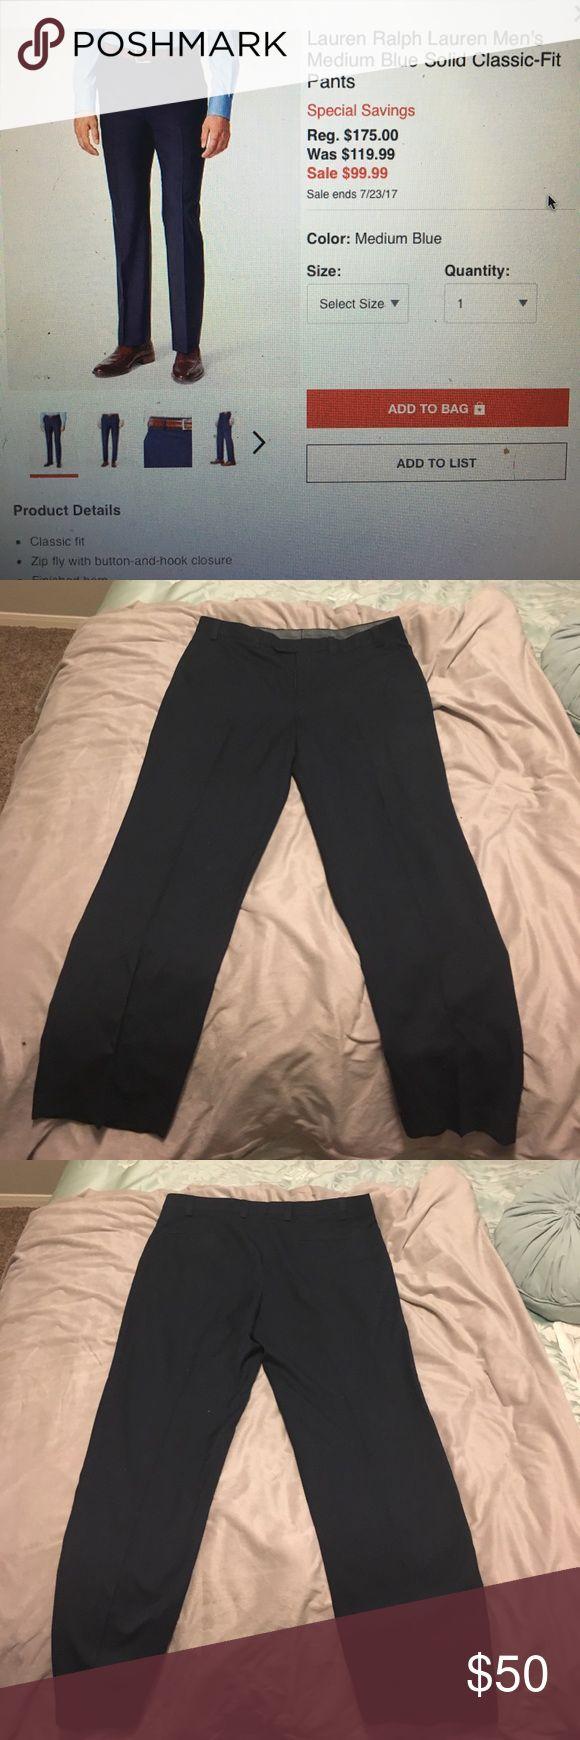 Ralph Lauren Classic fit suit separates Lauren Ralph Lauren Men's Medium Blue solid classic-fit pants.  No signs of wear just doesn't fit my boyfriend anymore Lauren Ralph Lauren Pants Dress